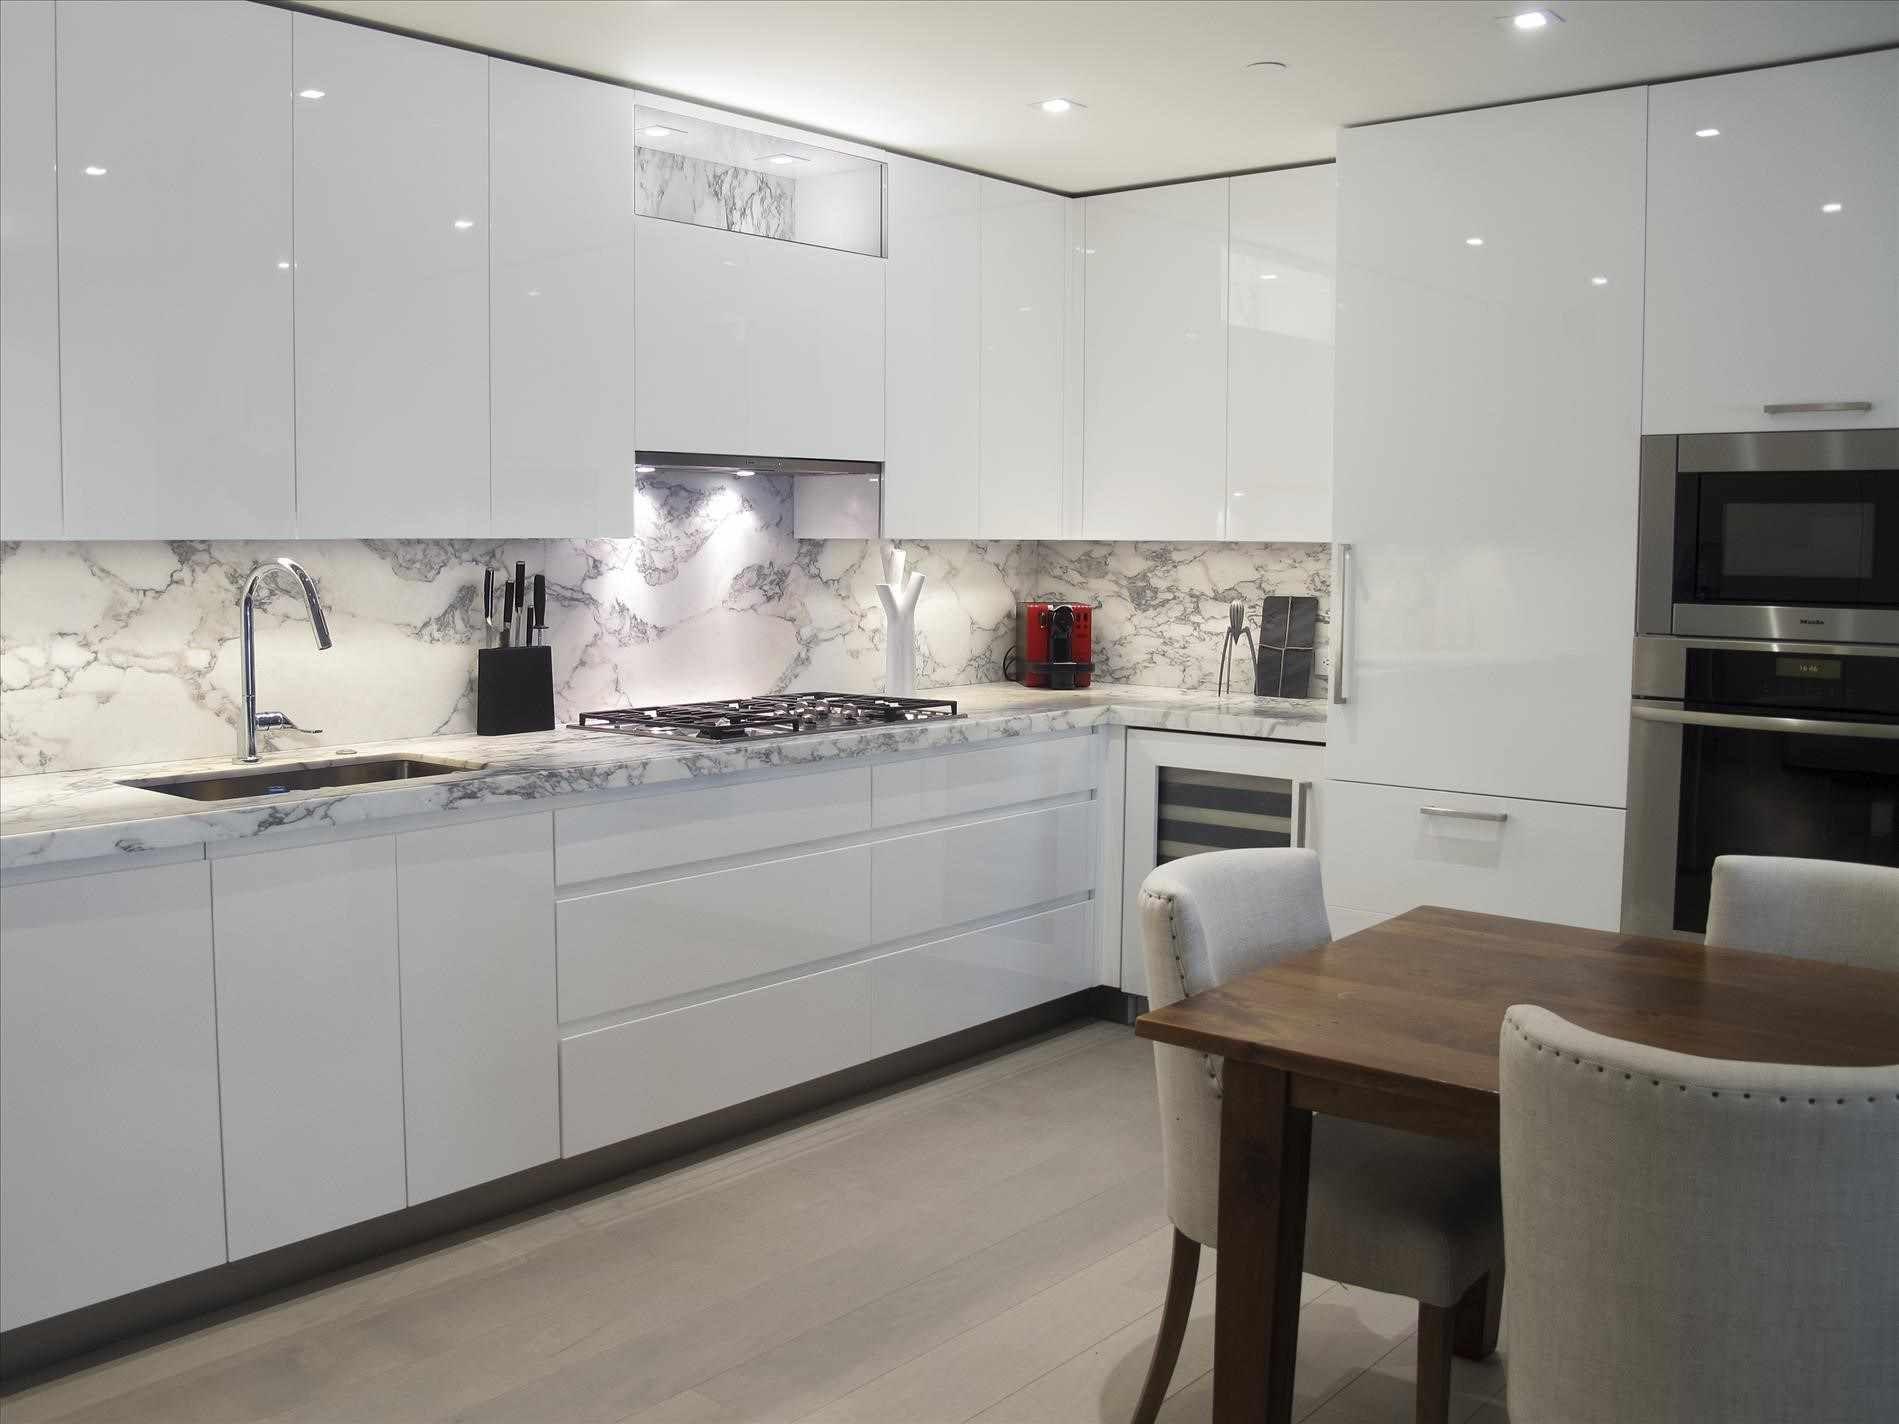 high gloss kitchen cabinets ile ilgili görsel sonucu ...